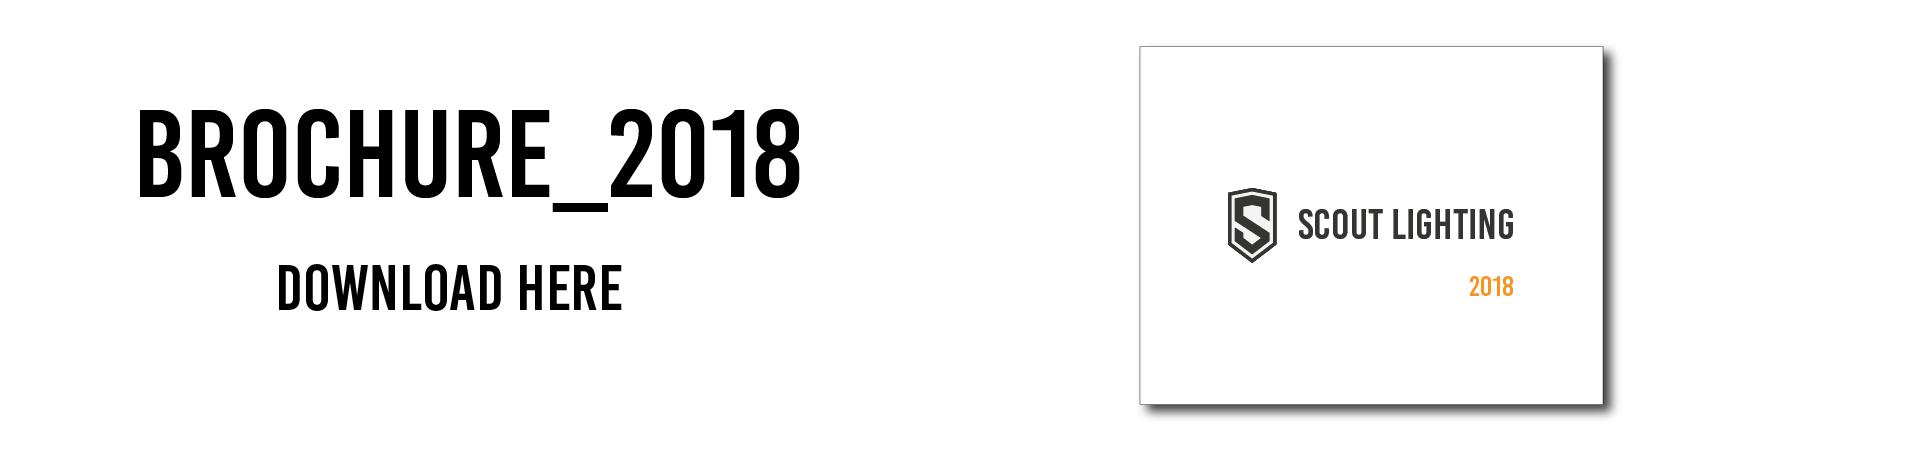 brochure_2018-07